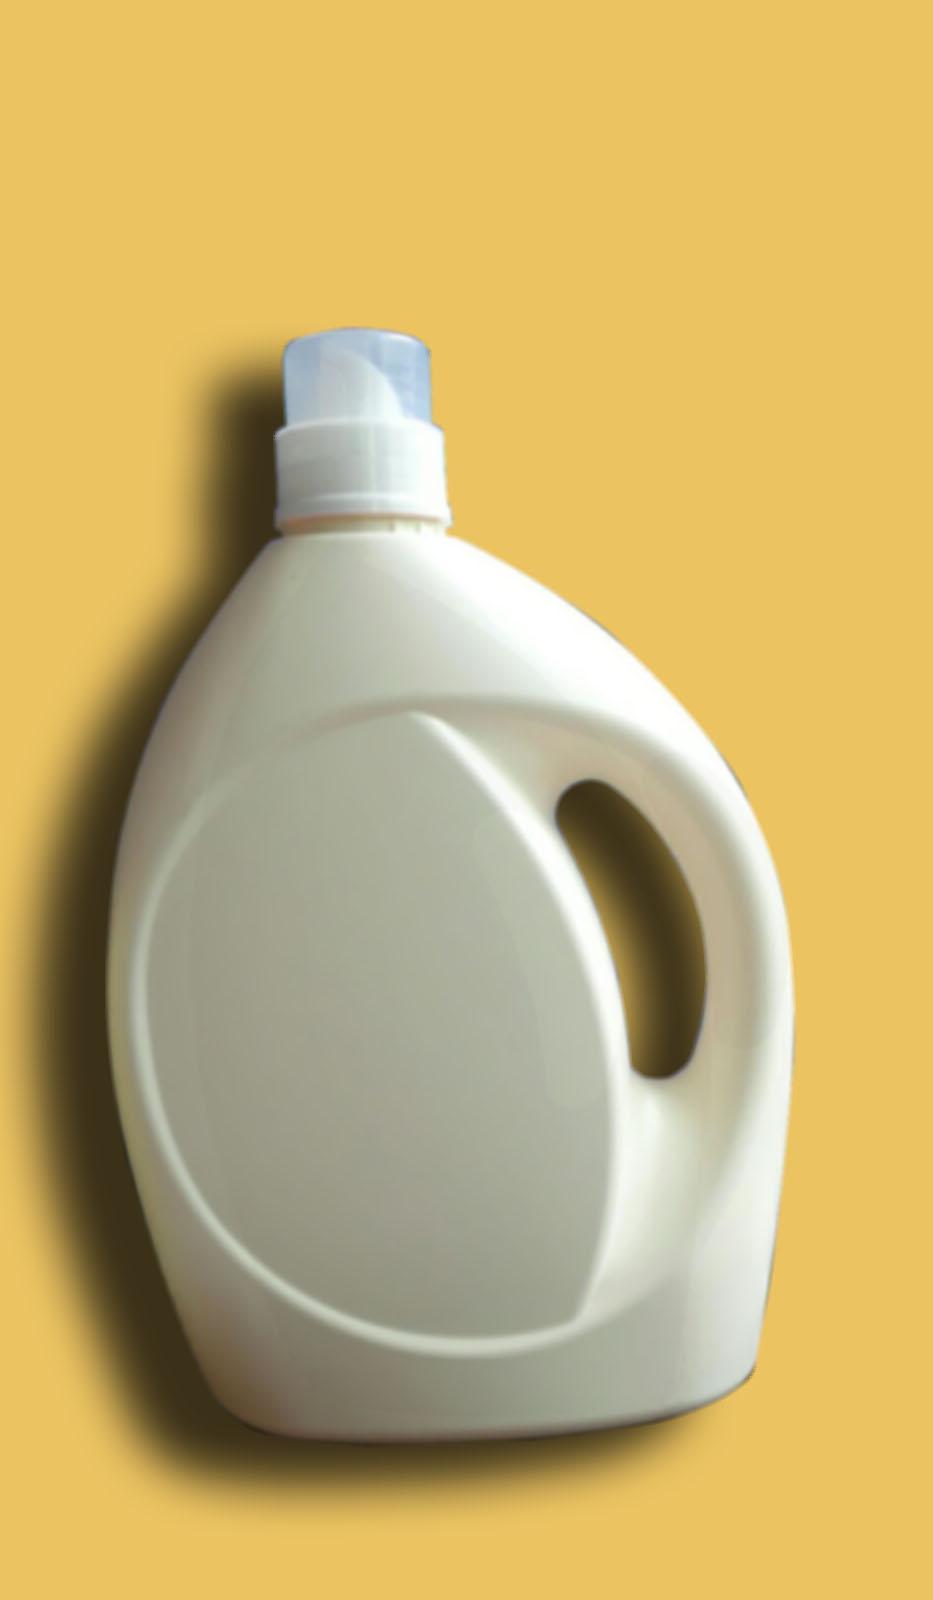 5 Liter New Empty Laundry Detergent Storage Plastic Laundry Detergent  Bottles